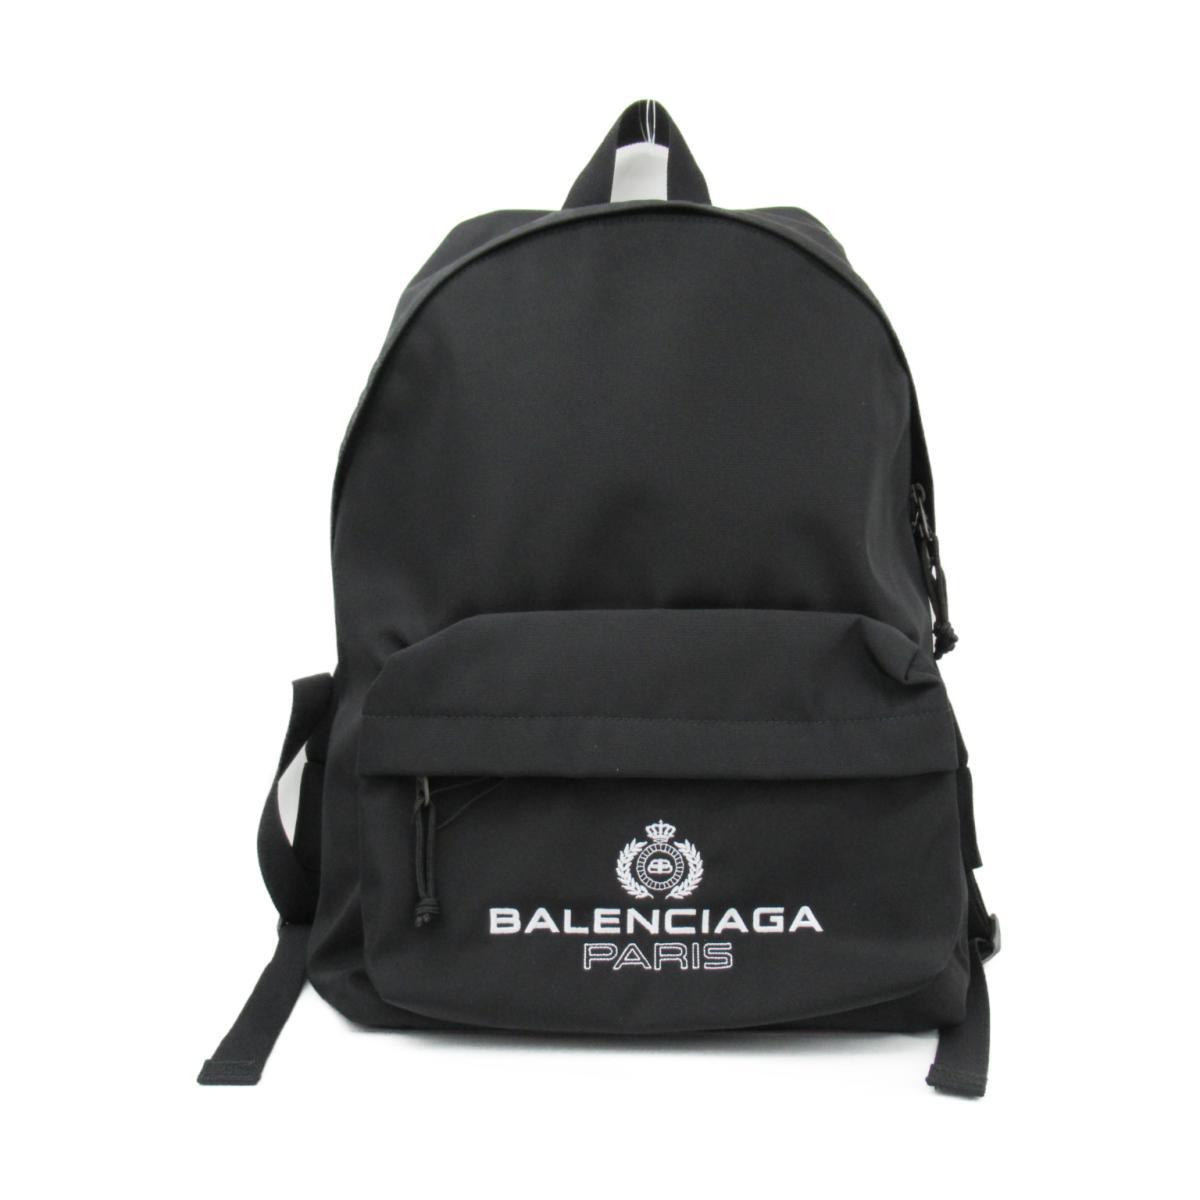 【中古】バレンシアガ ロゴリュックサック バックパック メンズ ナイロン ノアール | BALENCIAGA BRANDOFF ブランドオフ レディース ブランド ブランドバッグ ブランドバック かばん バッグ バック リュック リュックサック